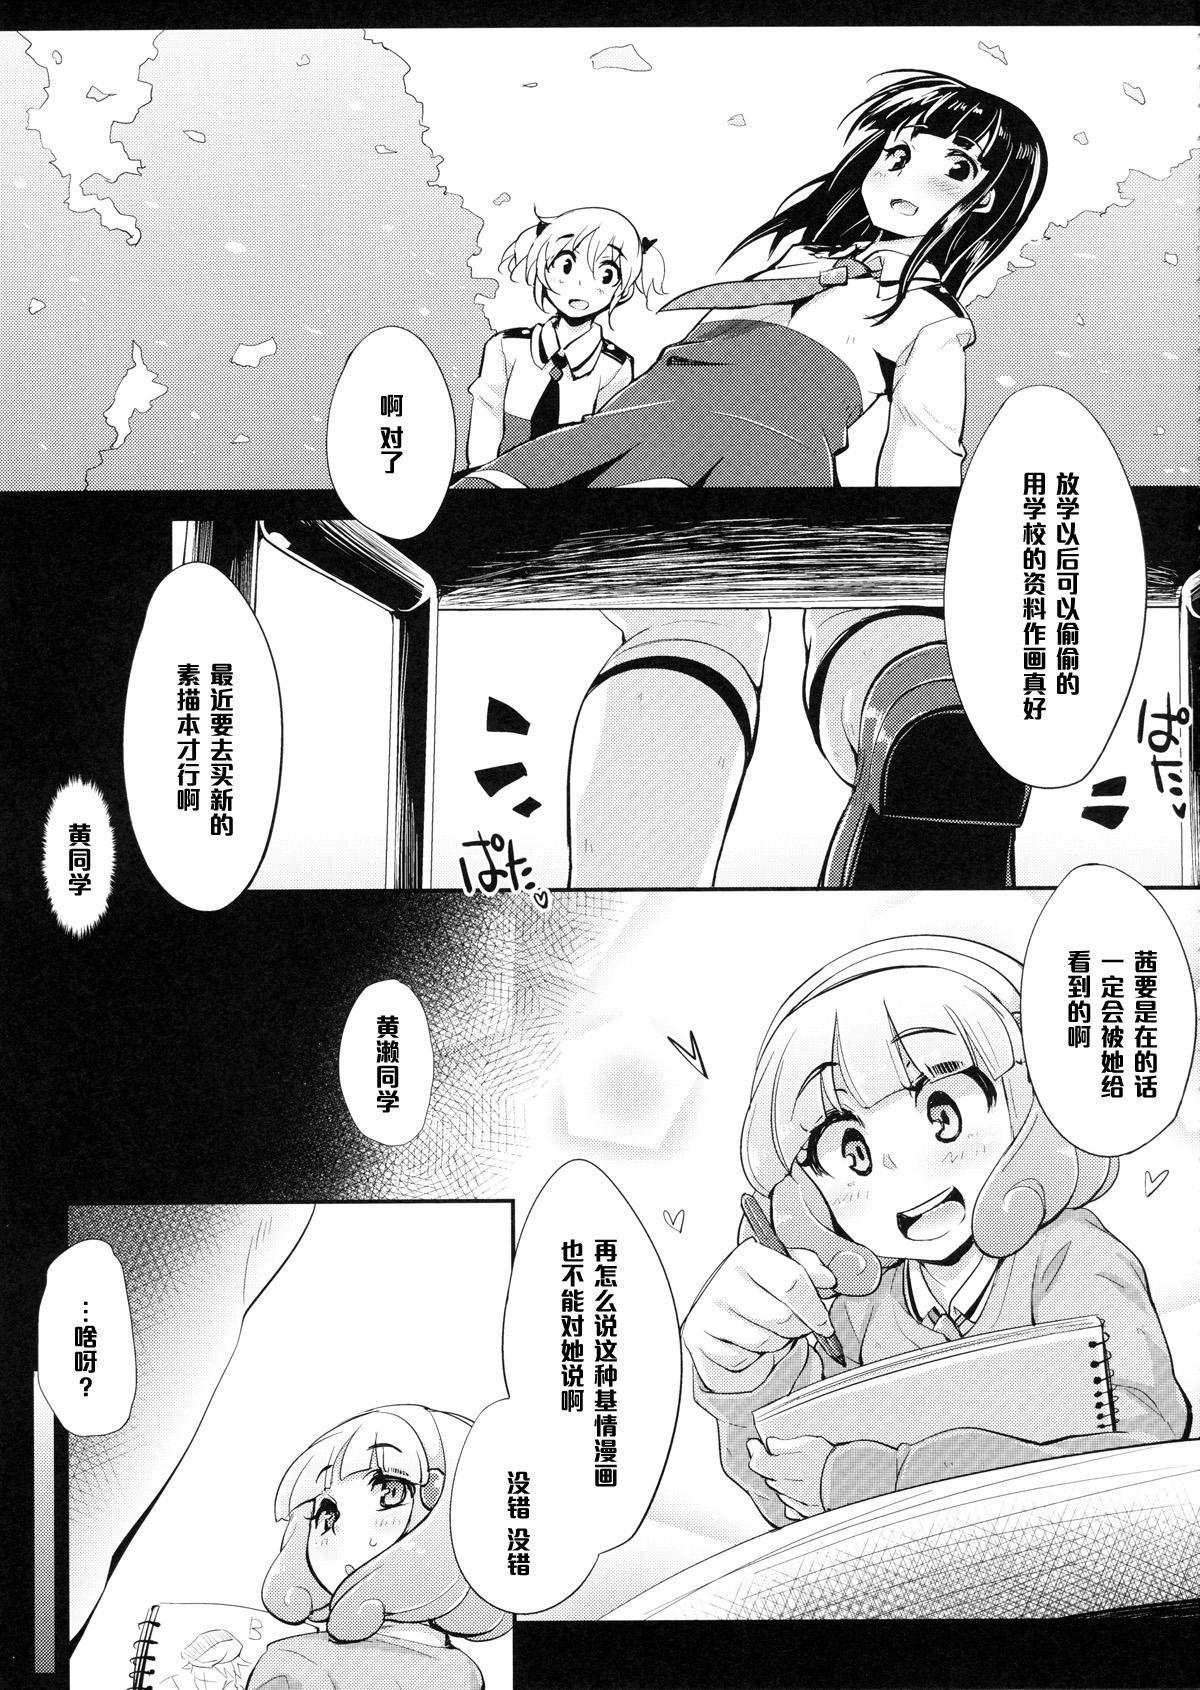 Yakusoku wa Mamoru mon 3